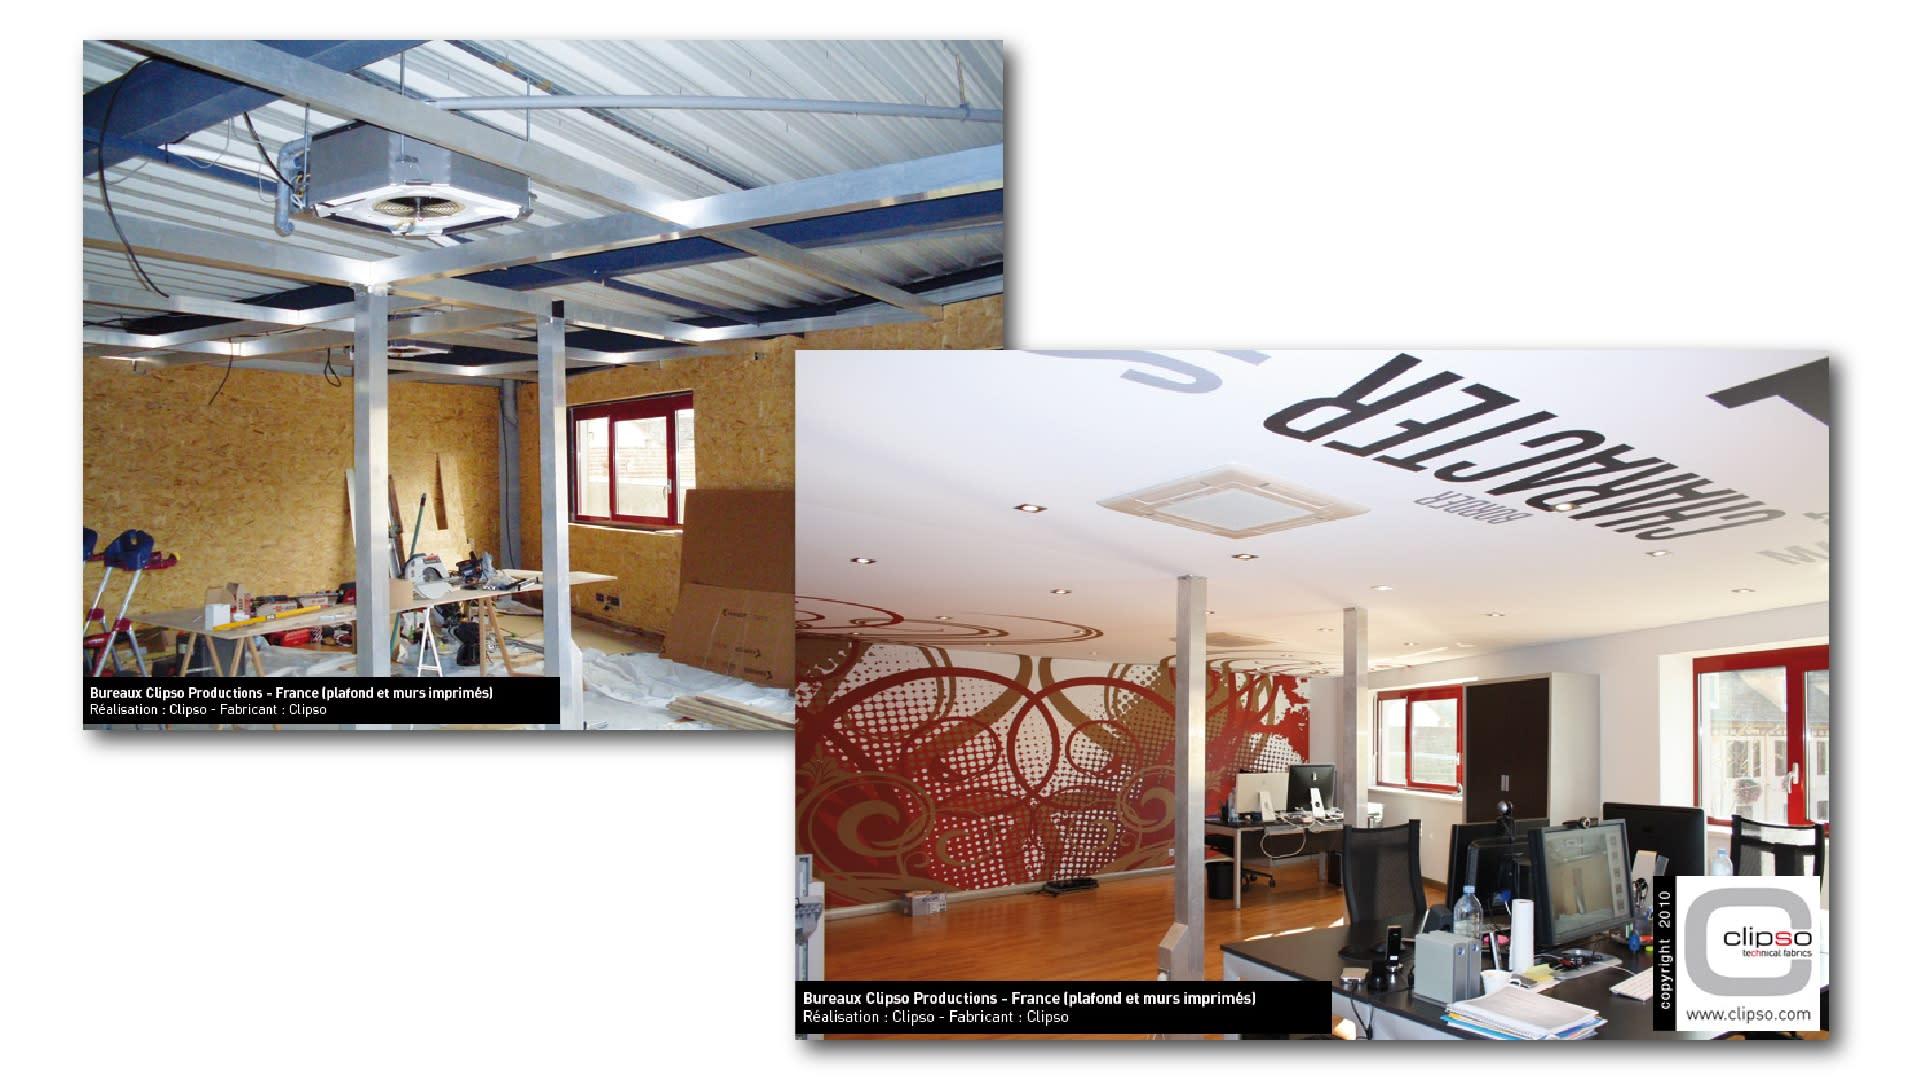 Wand-und-Deckengestaltung-Clipso-Print-01_ezfpgt